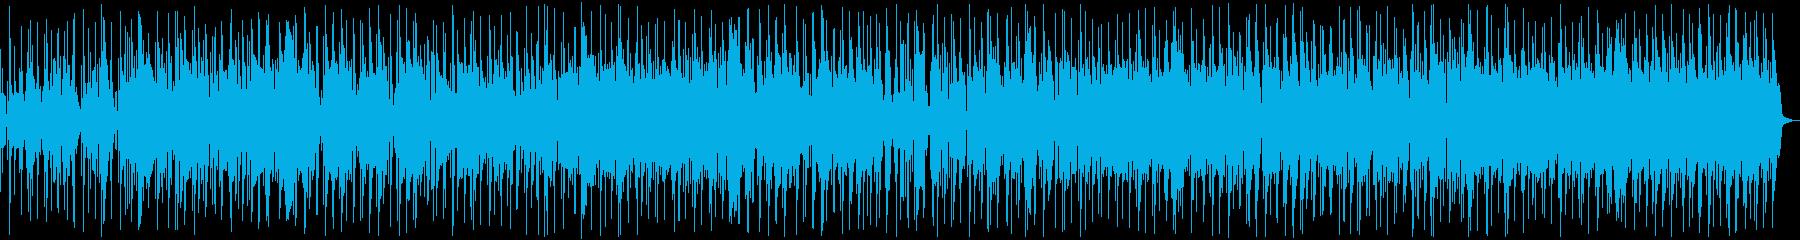 メガヘビーファンクオールドスクール...の再生済みの波形